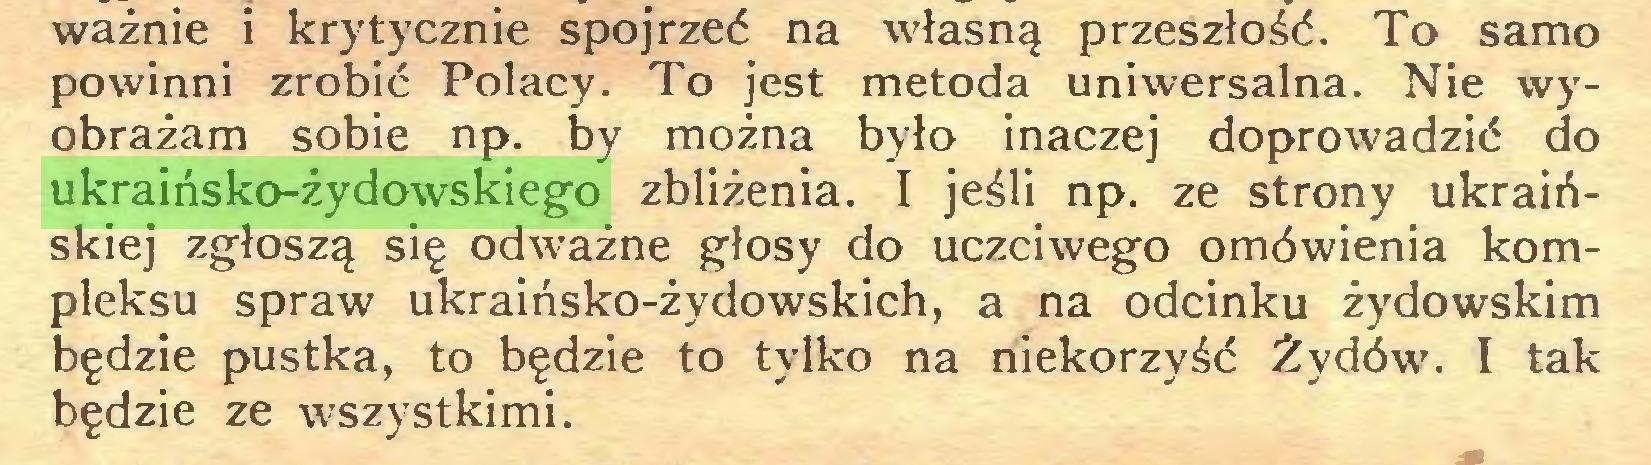 (...) ważnie i krytycznie spojrzeć na własną przeszłość. To samo powinni zrobić Polacy. To jest metoda uniwersalna. Nie wyobrażam sobie np. by można było inaczej doprowadzić do ukraińsko-żydowskiego zbliżenia. I jeśli np. ze strony ukraińskiej zgłoszą się odważne głosy do uczciwego omówienia kompleksu spraw ukraińsko-żydowskich, a na odcinku żydowskim będzie pustka, to będzie to tylko na niekorzyść Żydów. I tak będzie ze wszystkimi...